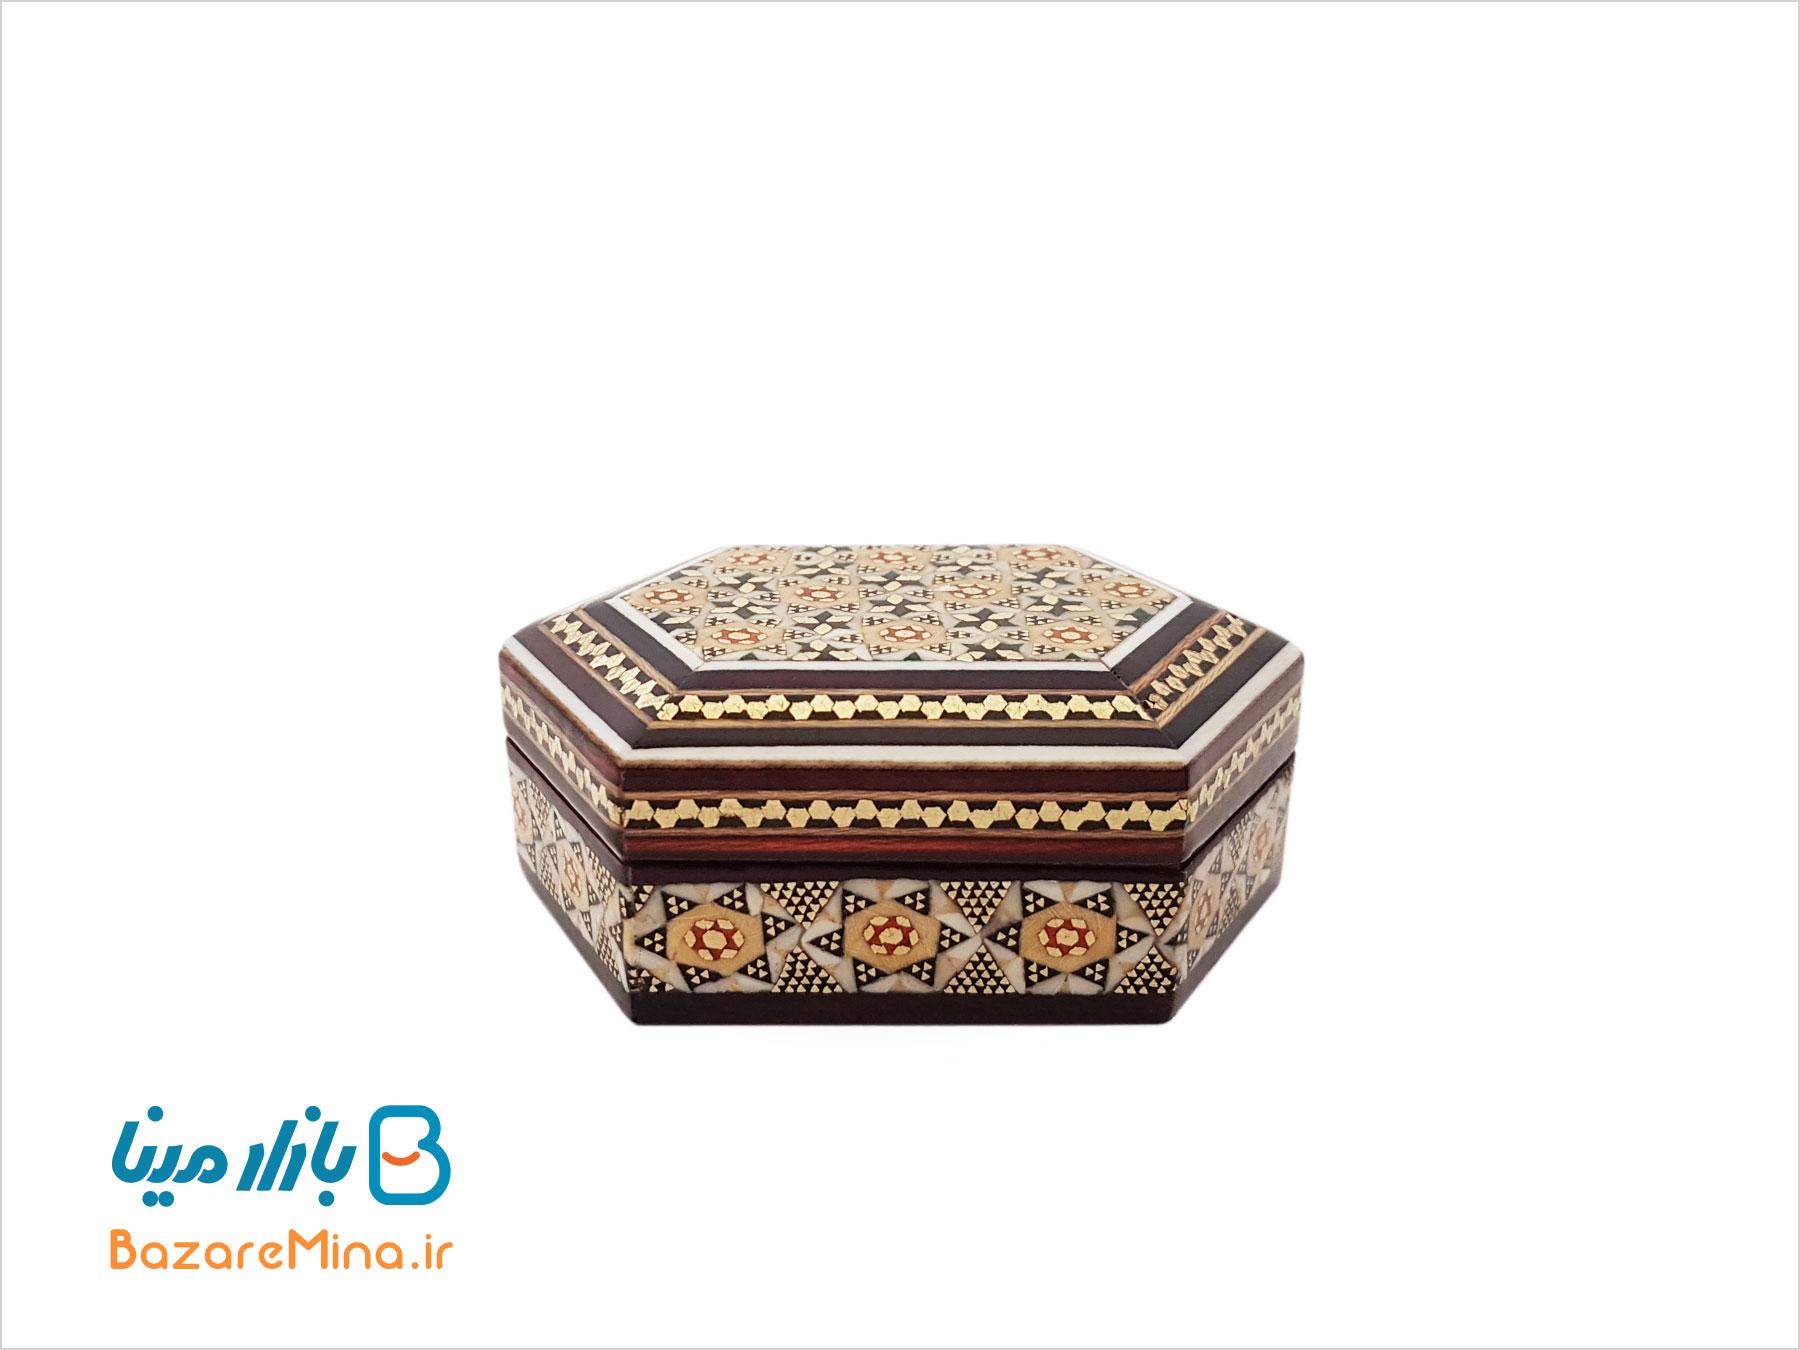 جعبه جاسکه ای خاتم کاری شده اصفهان